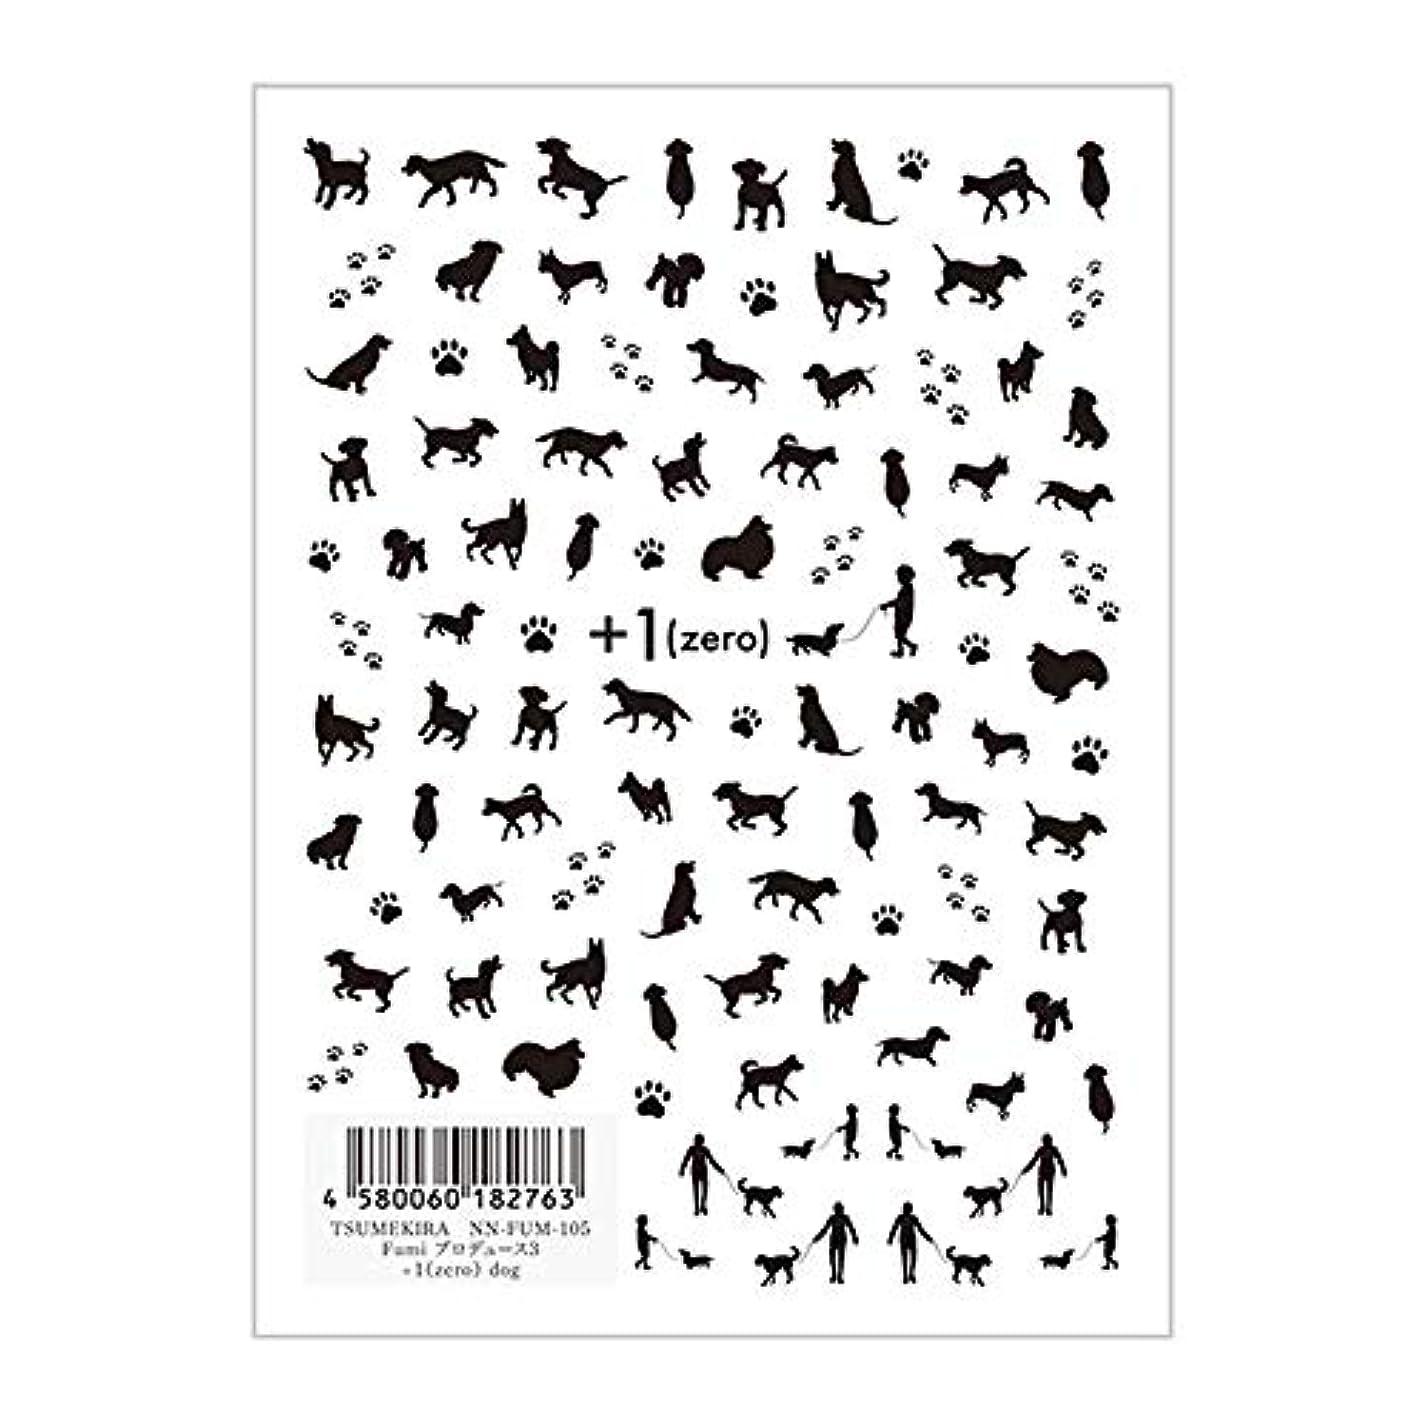 櫛コンドームメッセンジャーTSUMEKIRA(ツメキラ) ネイルシール Fumiプロデュース3 +1(zero) dog NN-FUM-105